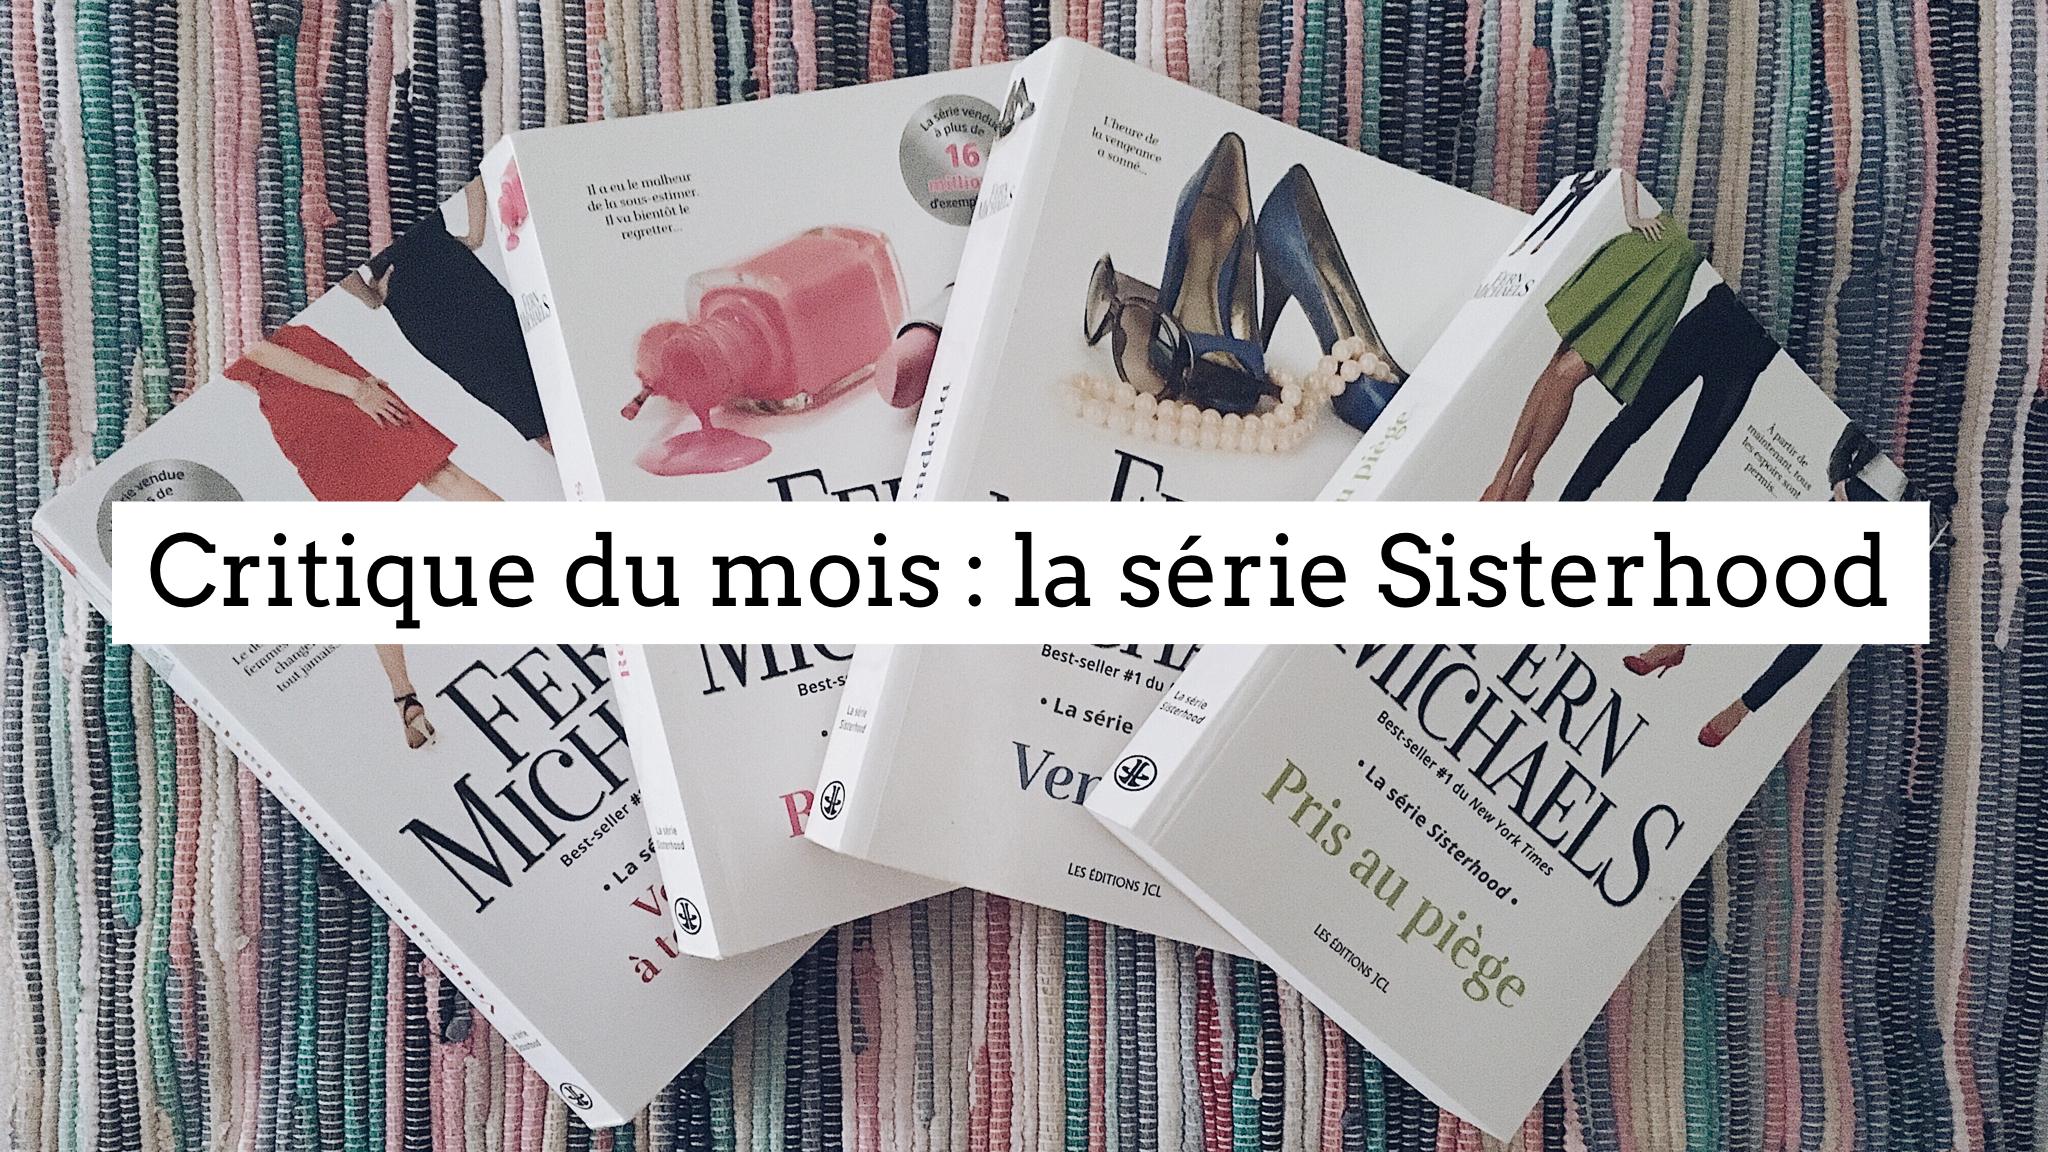 Jen parle de sa critique du mois, la série Sisterhood